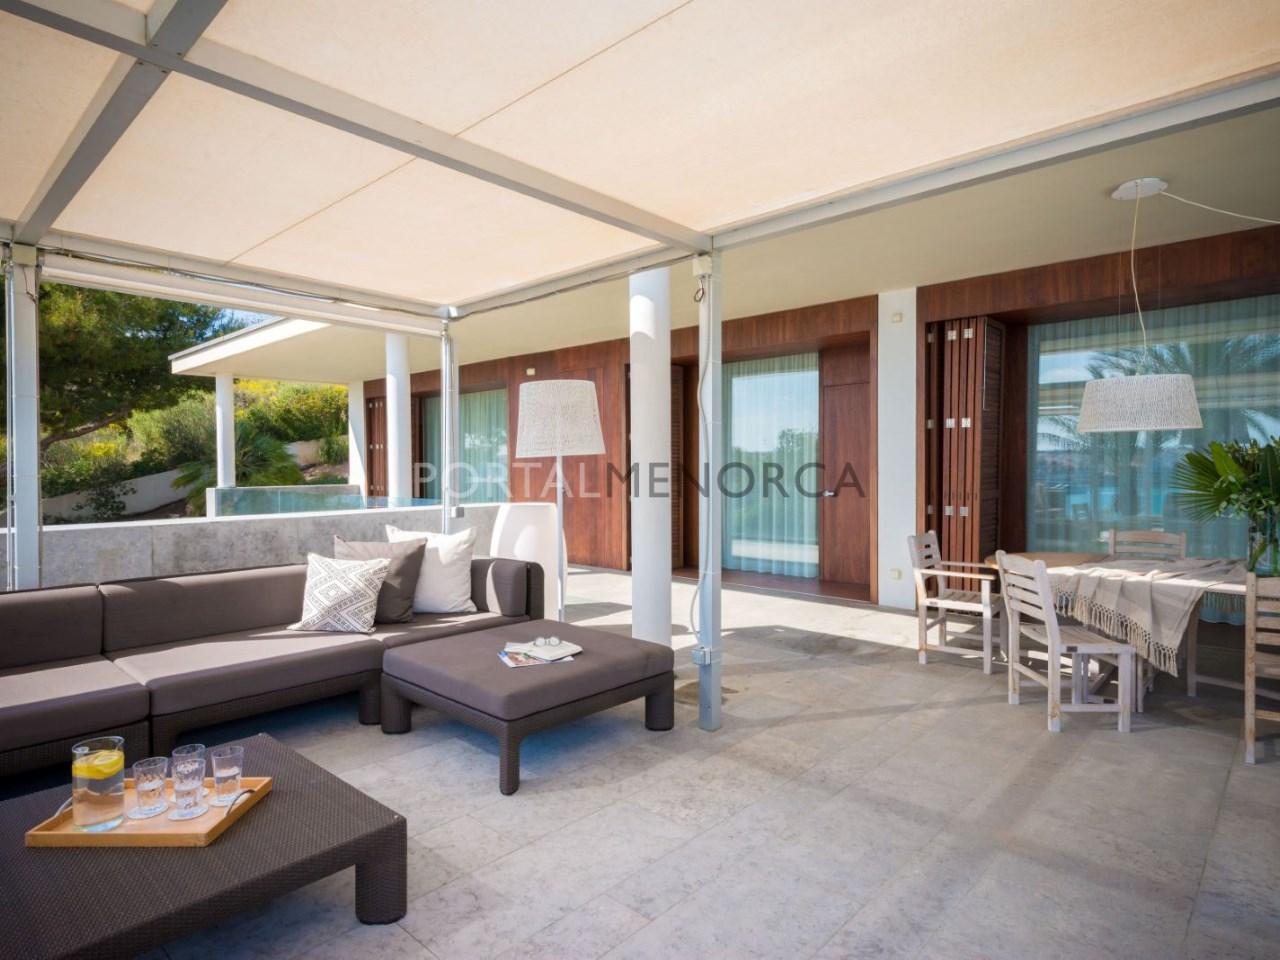 acheter-maison-luxe-menorca (3)